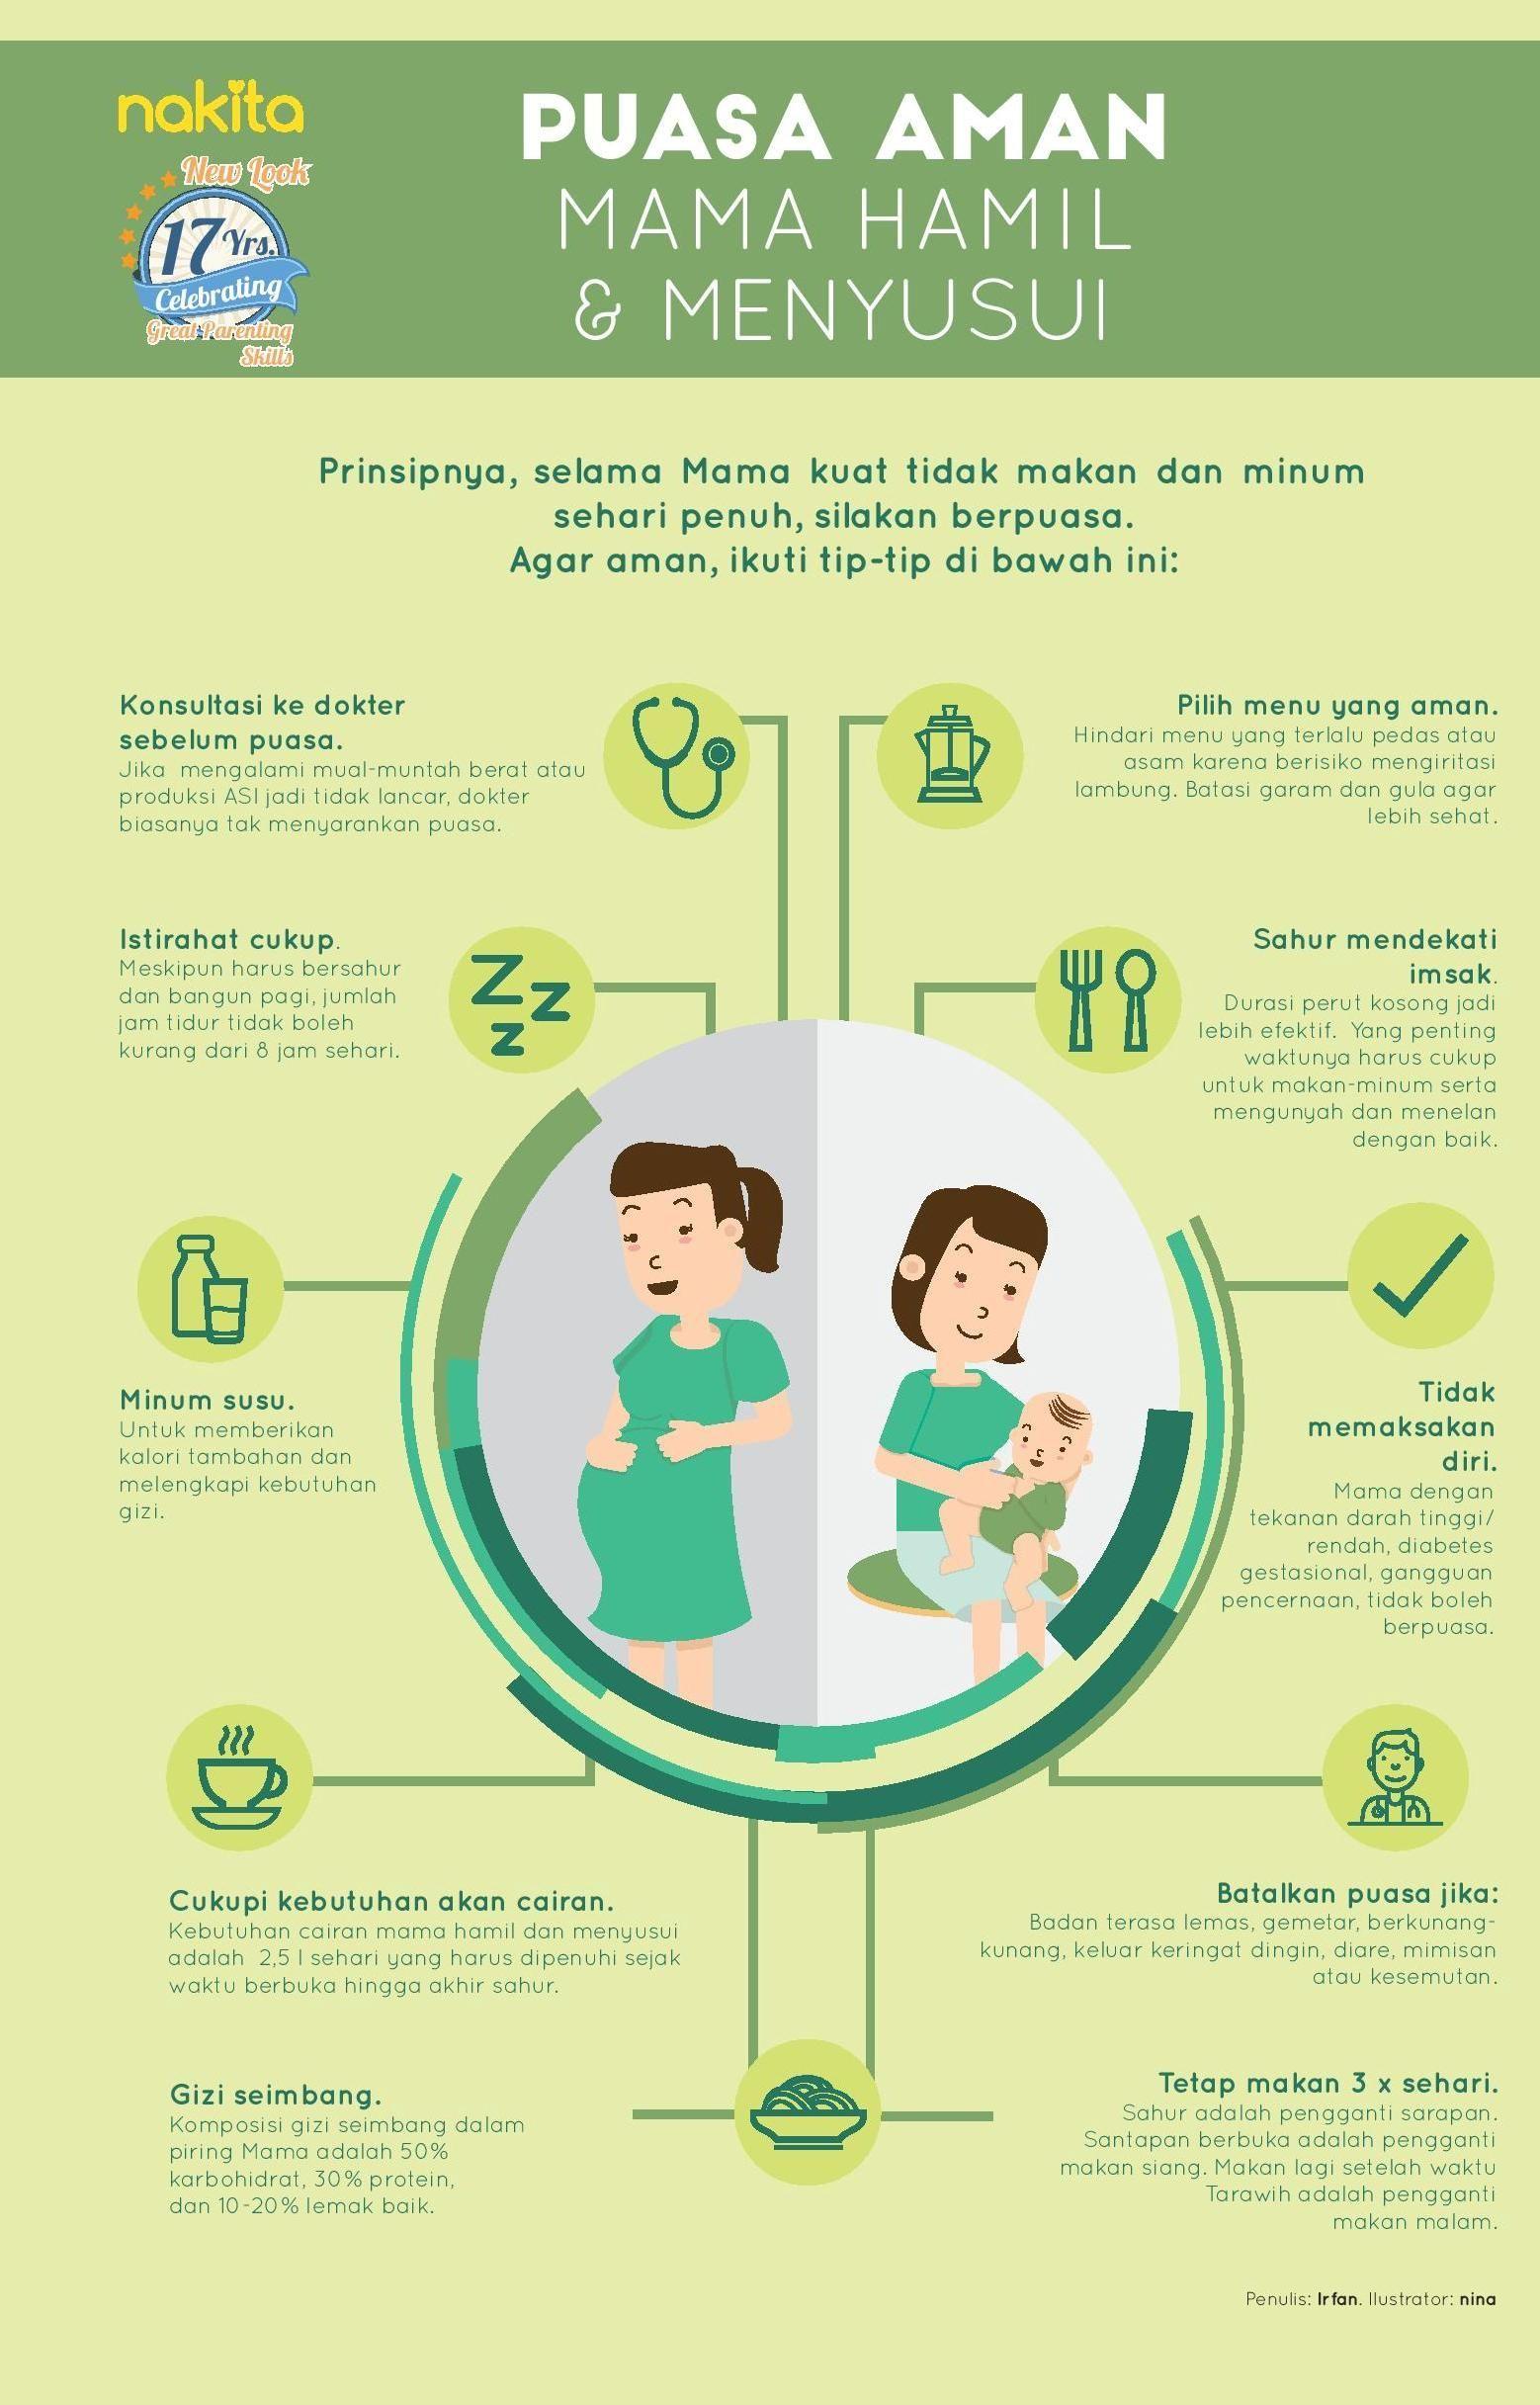 Tip Puasa Aman Untuk Mama Hamil Dan Menyusui Ibuhamil Ibumenyusui Tabloidnakita Eduposternakita Parenting Knowledge Parenting Education Muslim Parenting